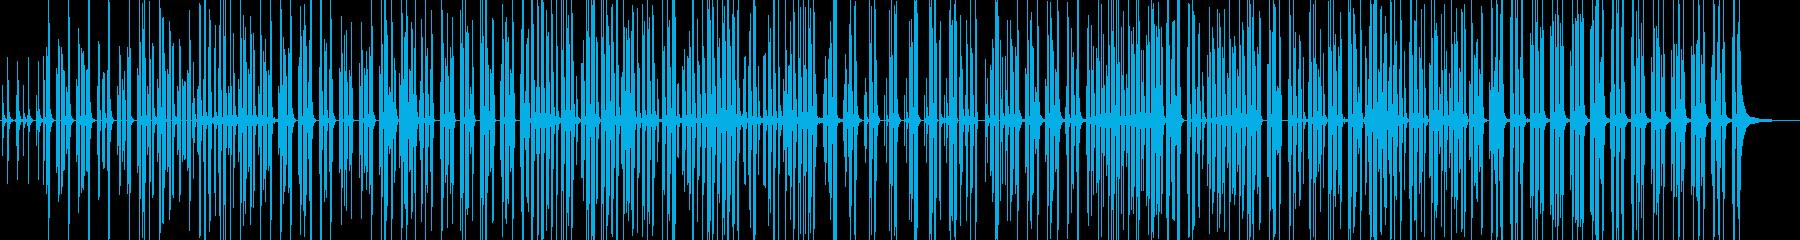 ■ほっこり-木琴-ピアノ-自然-料理-森の再生済みの波形